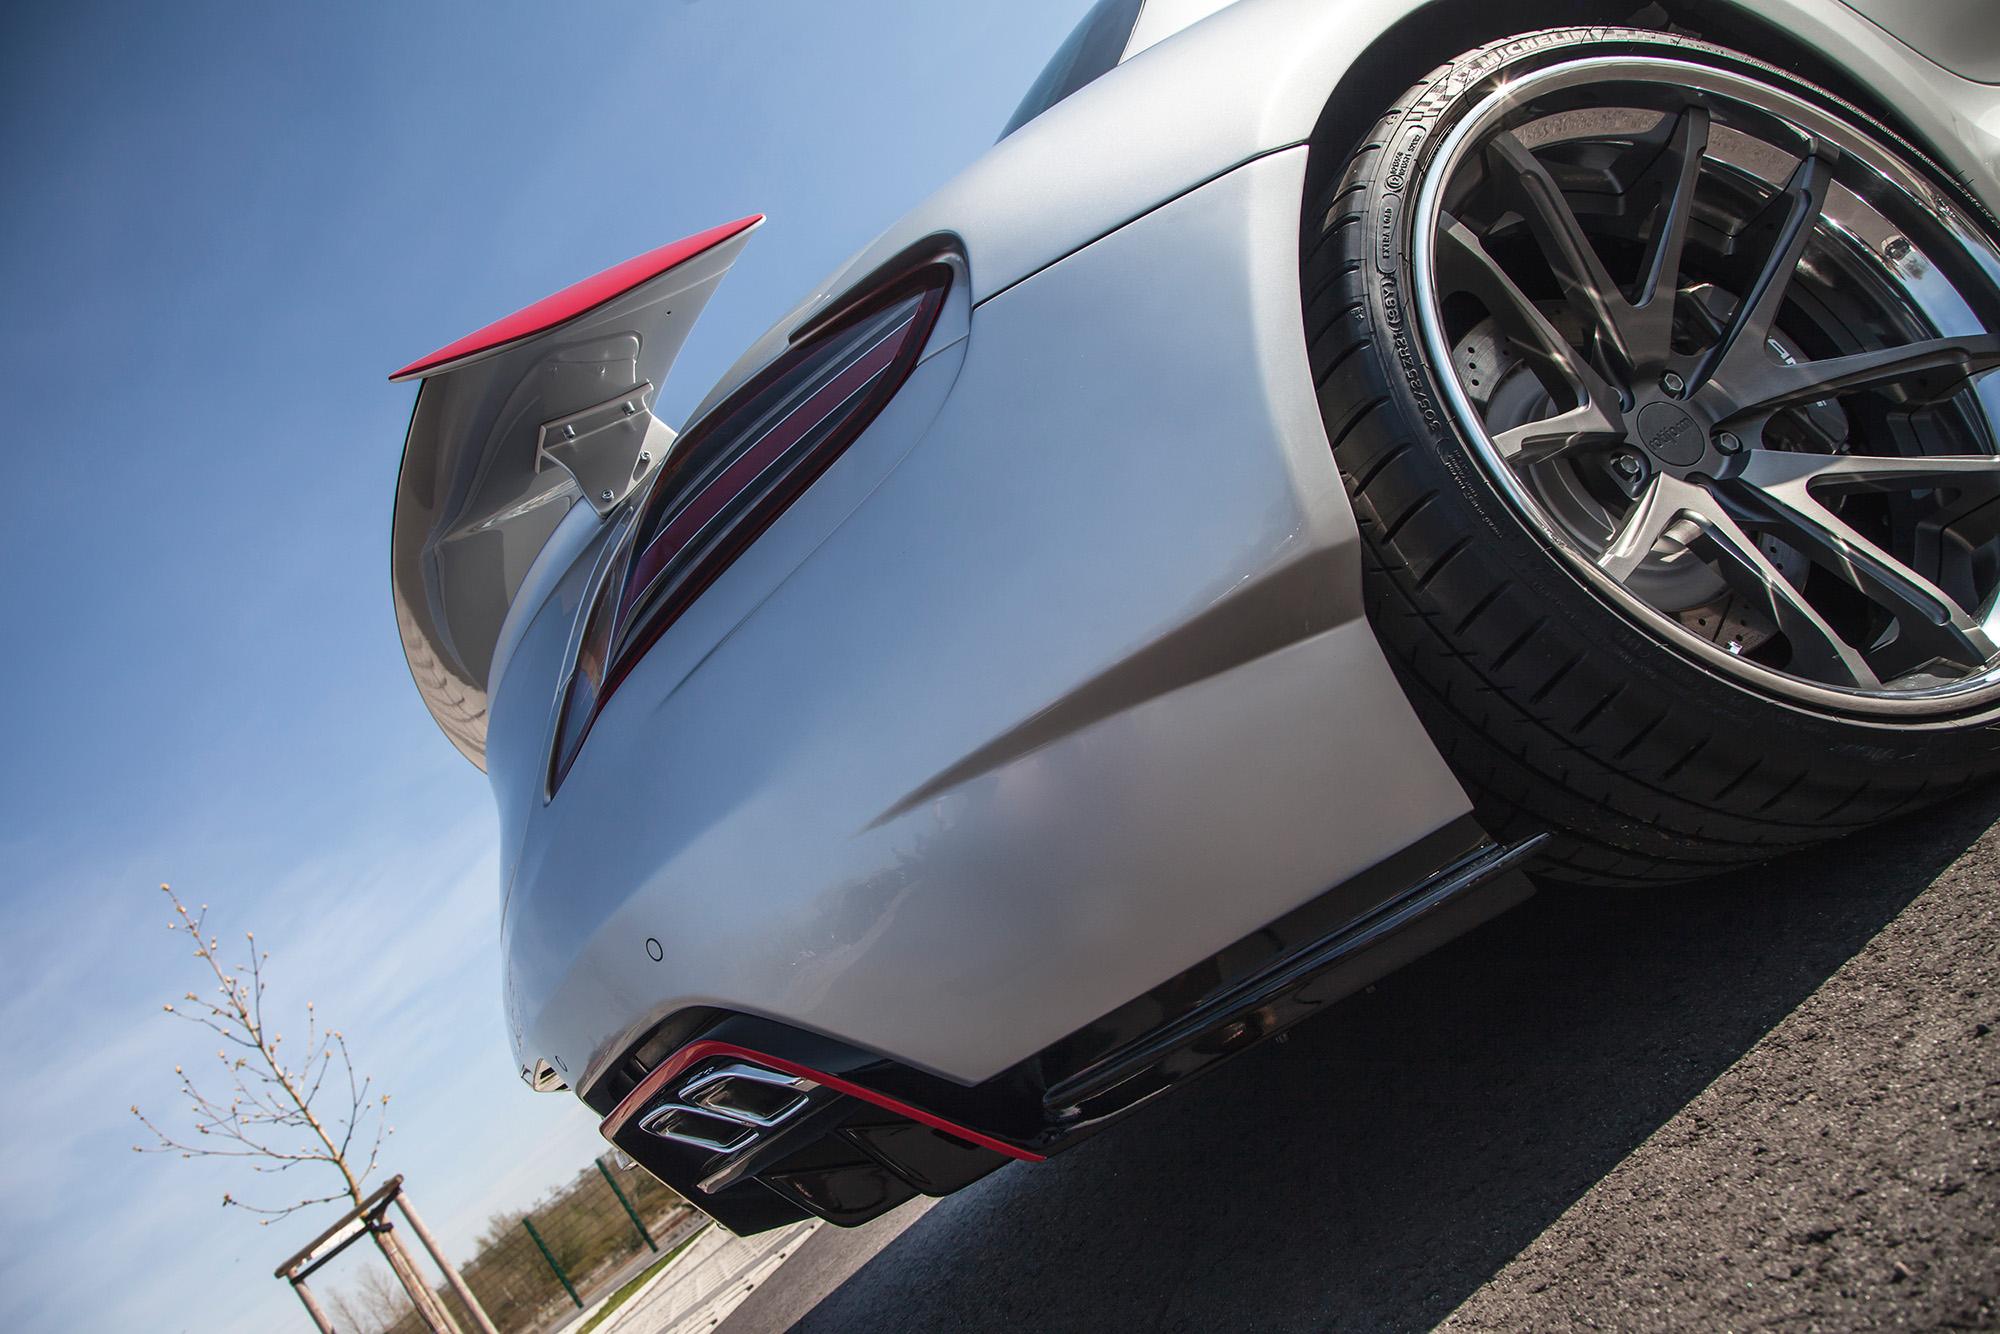 Wuchtiger Heckspoiler: Der Abtrieb ist beim Mercedes SLS AMG Bodykit inklusive.